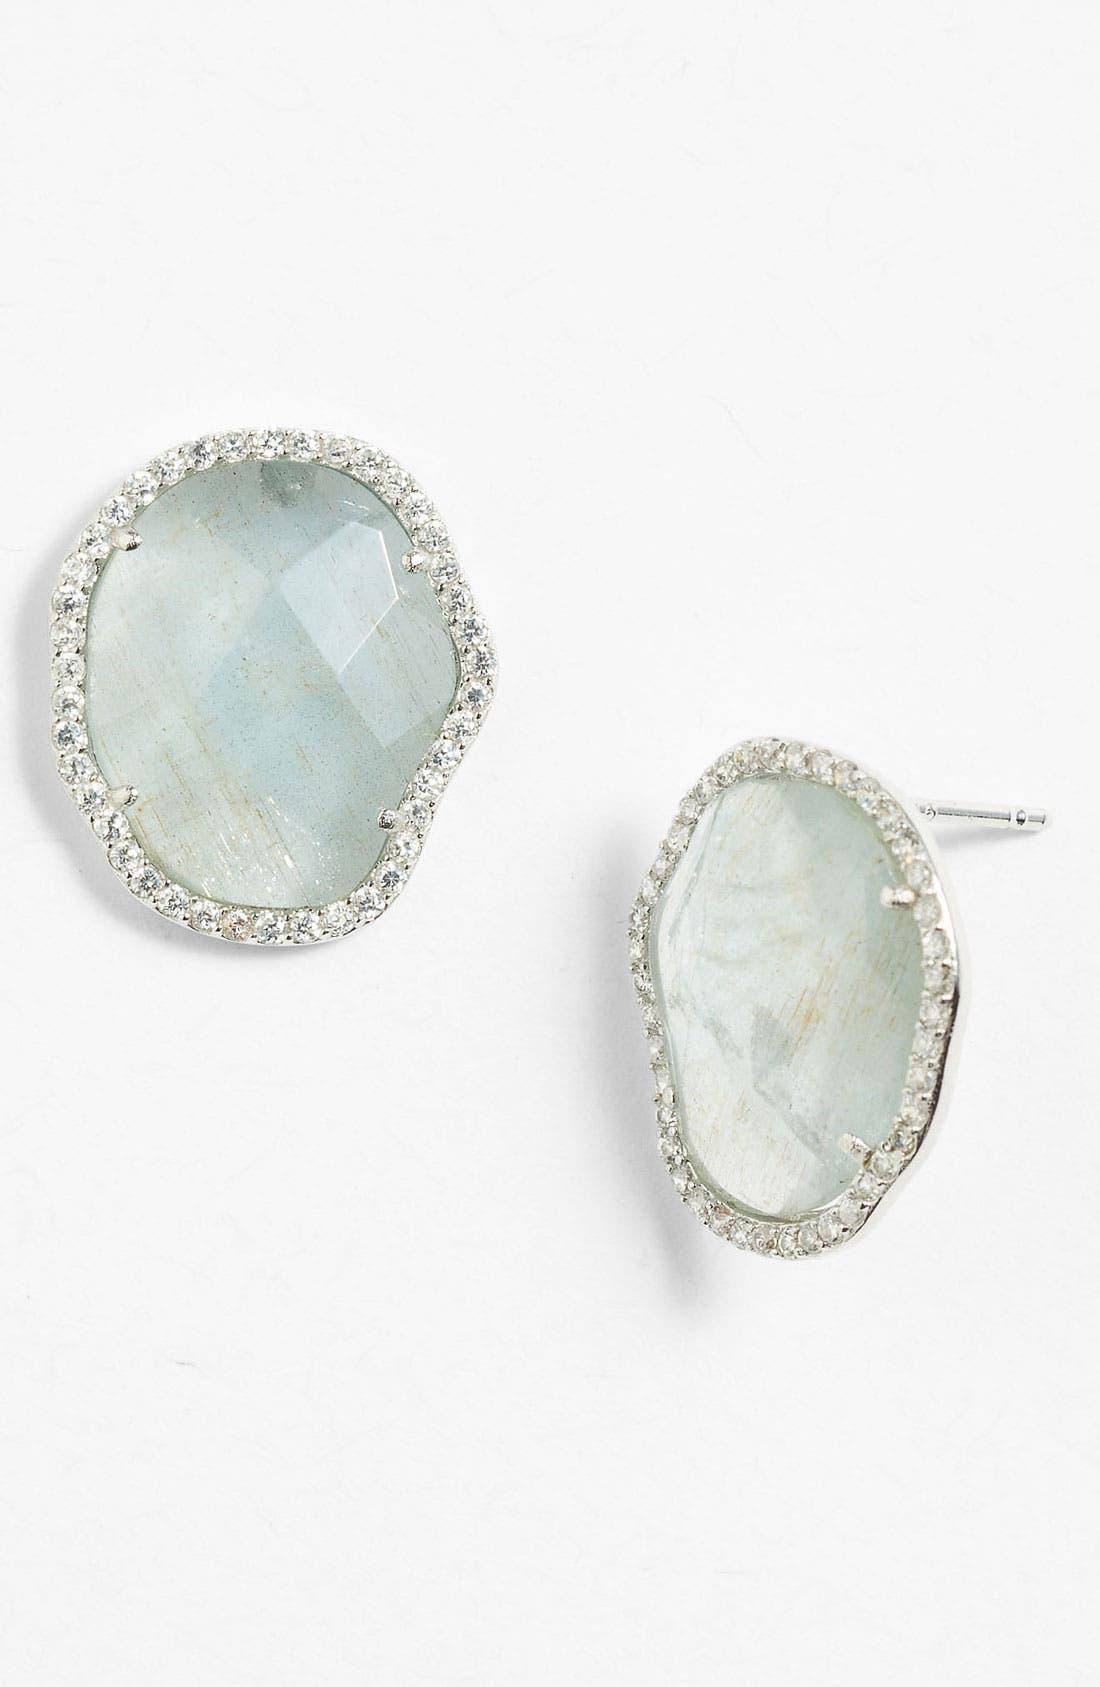 Alternate Image 1 Selected - Nadri Stud Earrings (Nordstrom Exclusive)